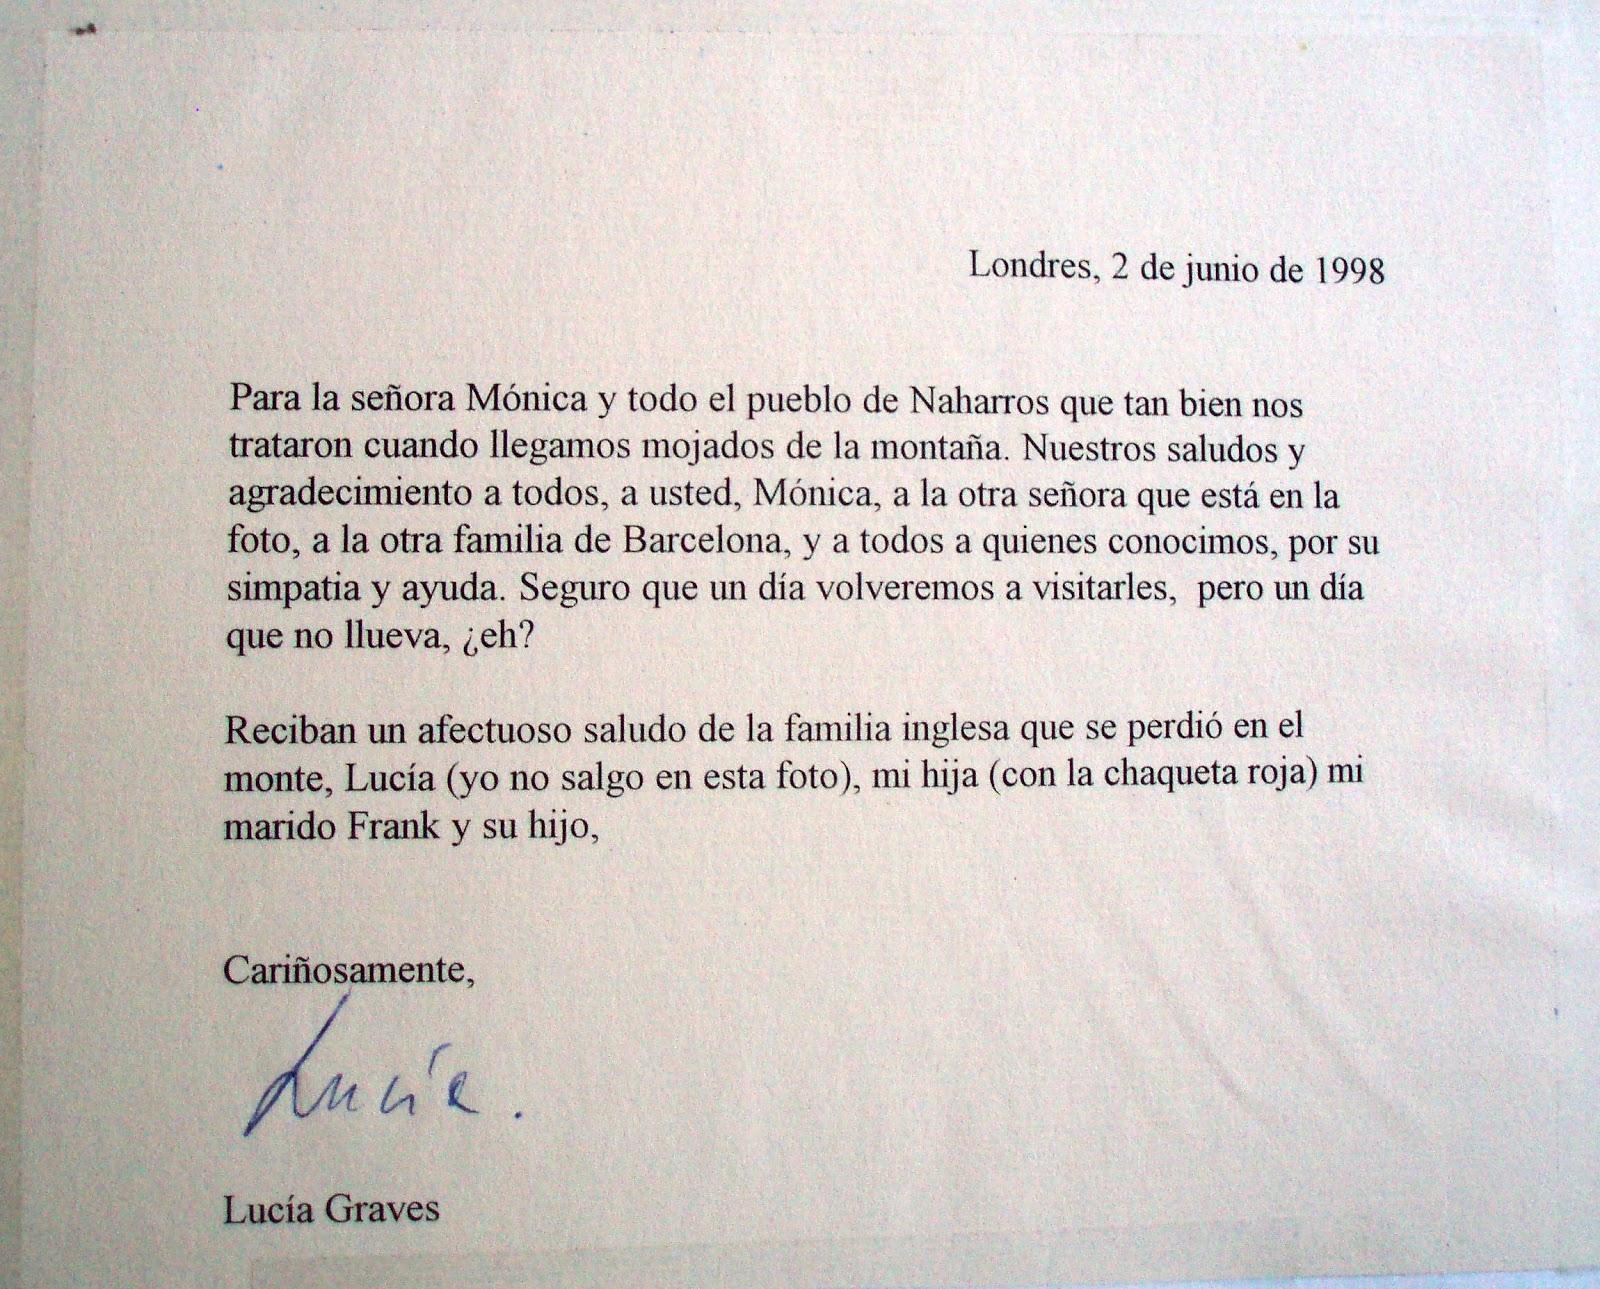 Publicado por Jose Maria Moreno en 11:44 No hay comentarios: